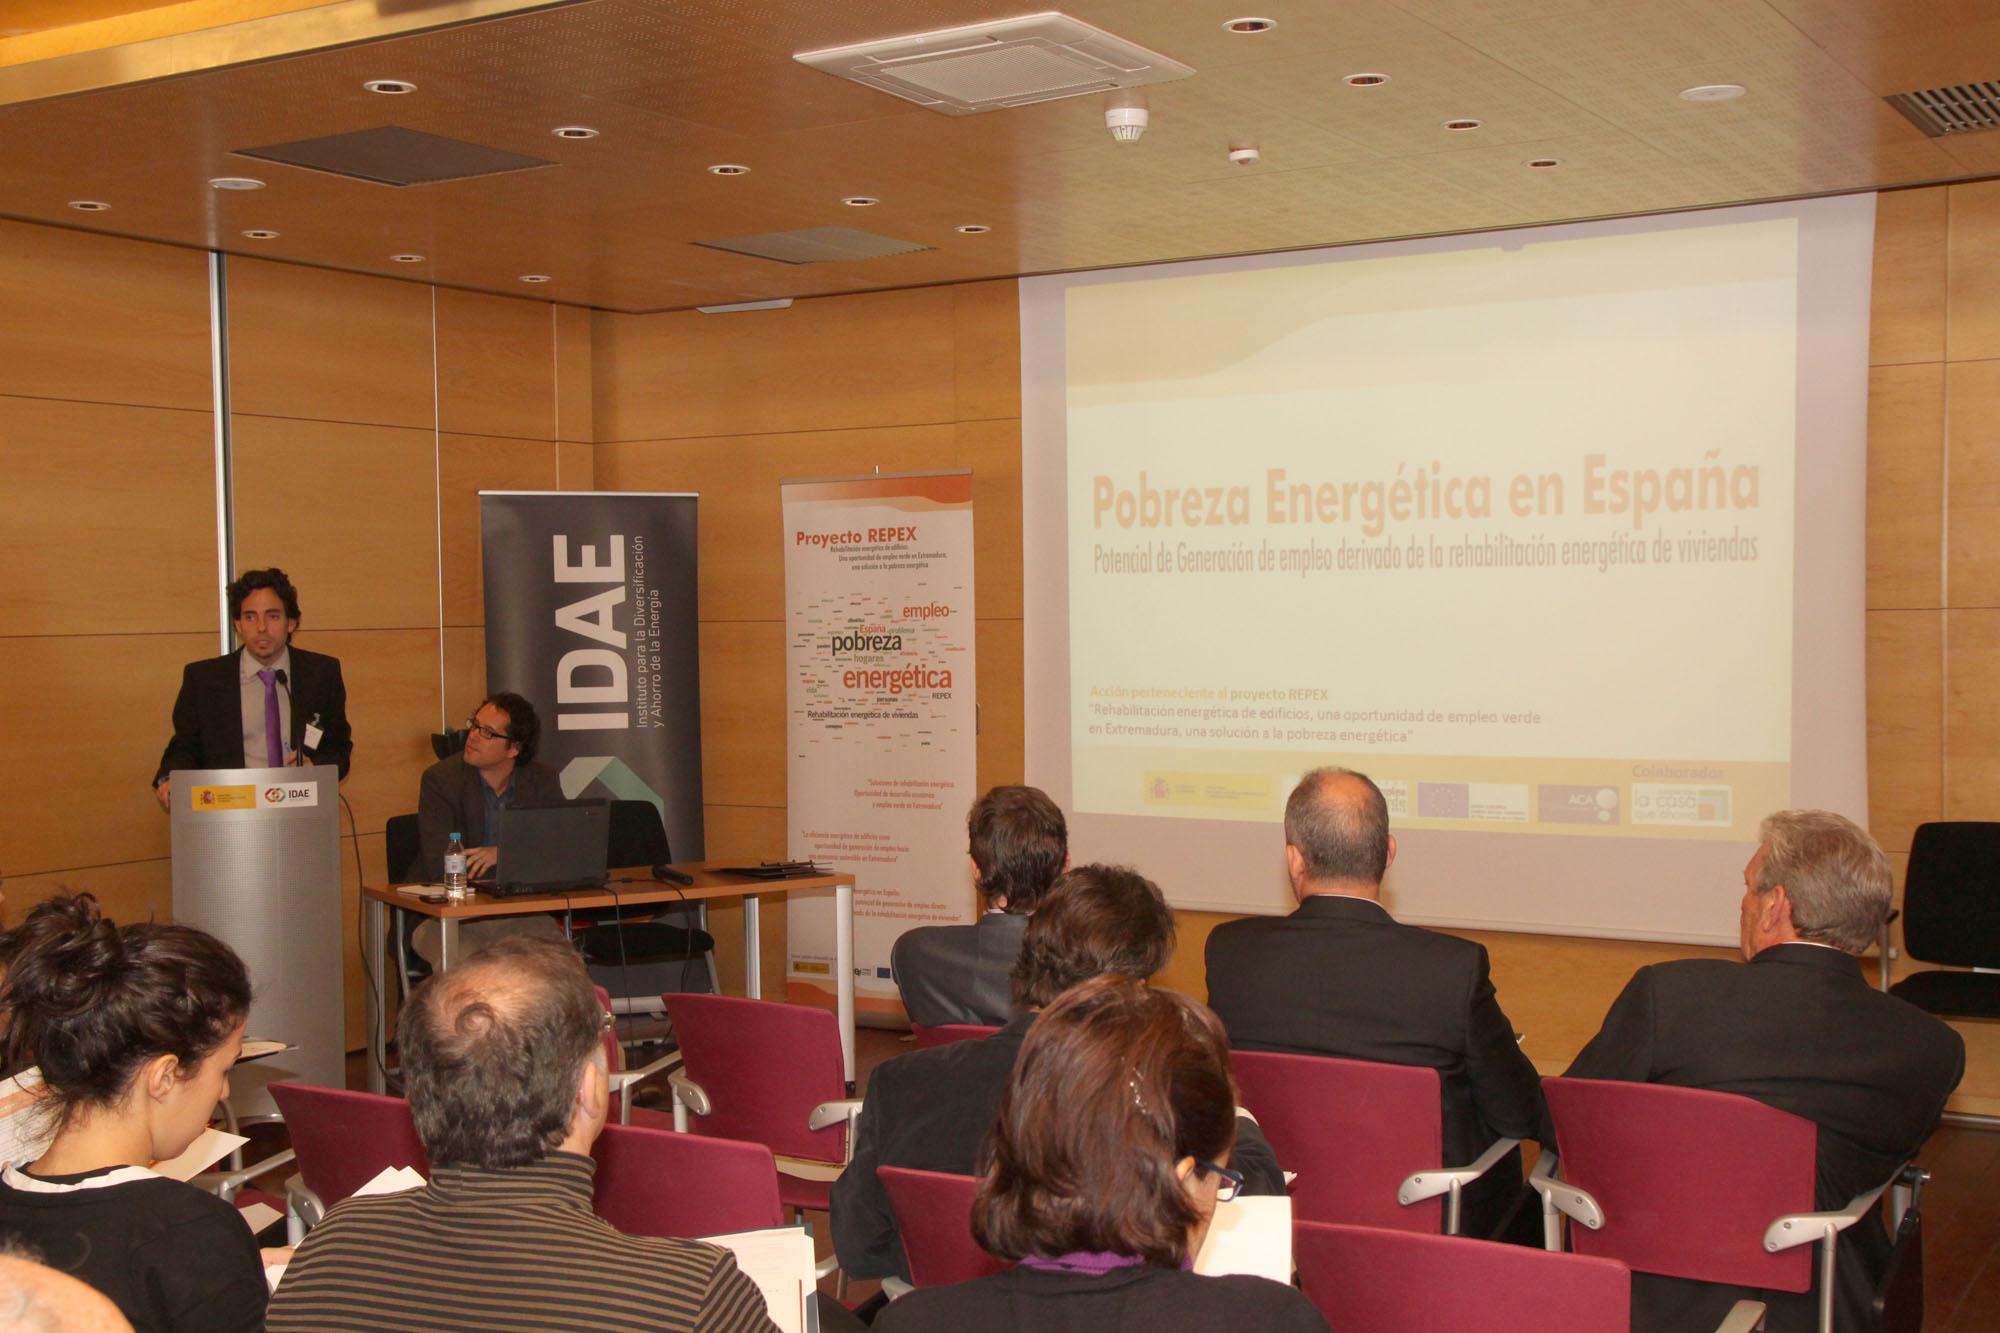 Presentación del Estudio de Pobreza Energética en España